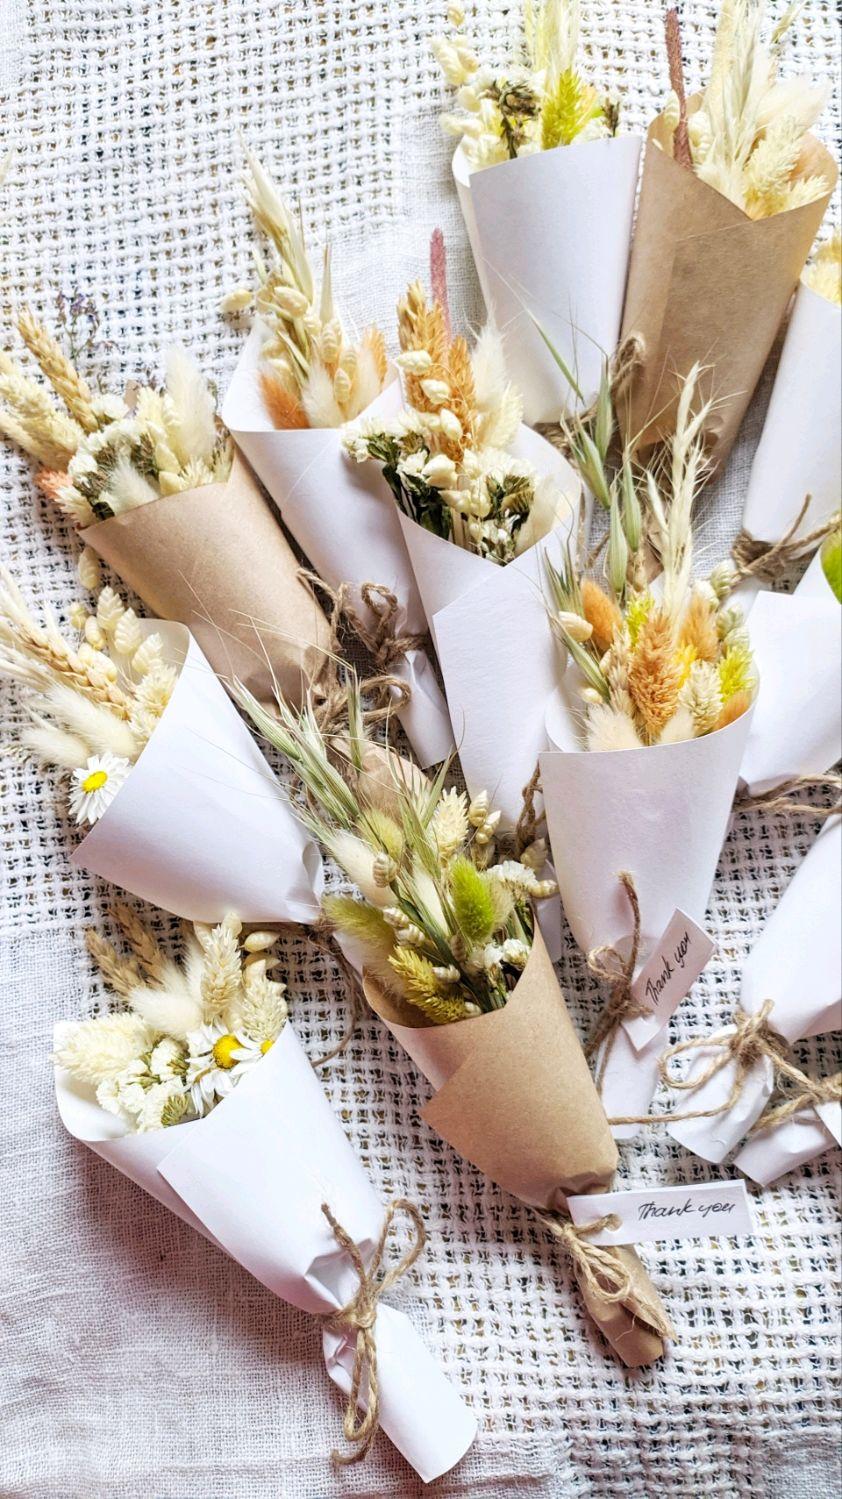 Букетики мини в эко стиле. Сухоцветы, Цветы сухие и стабилизированные, Москва,  Фото №1